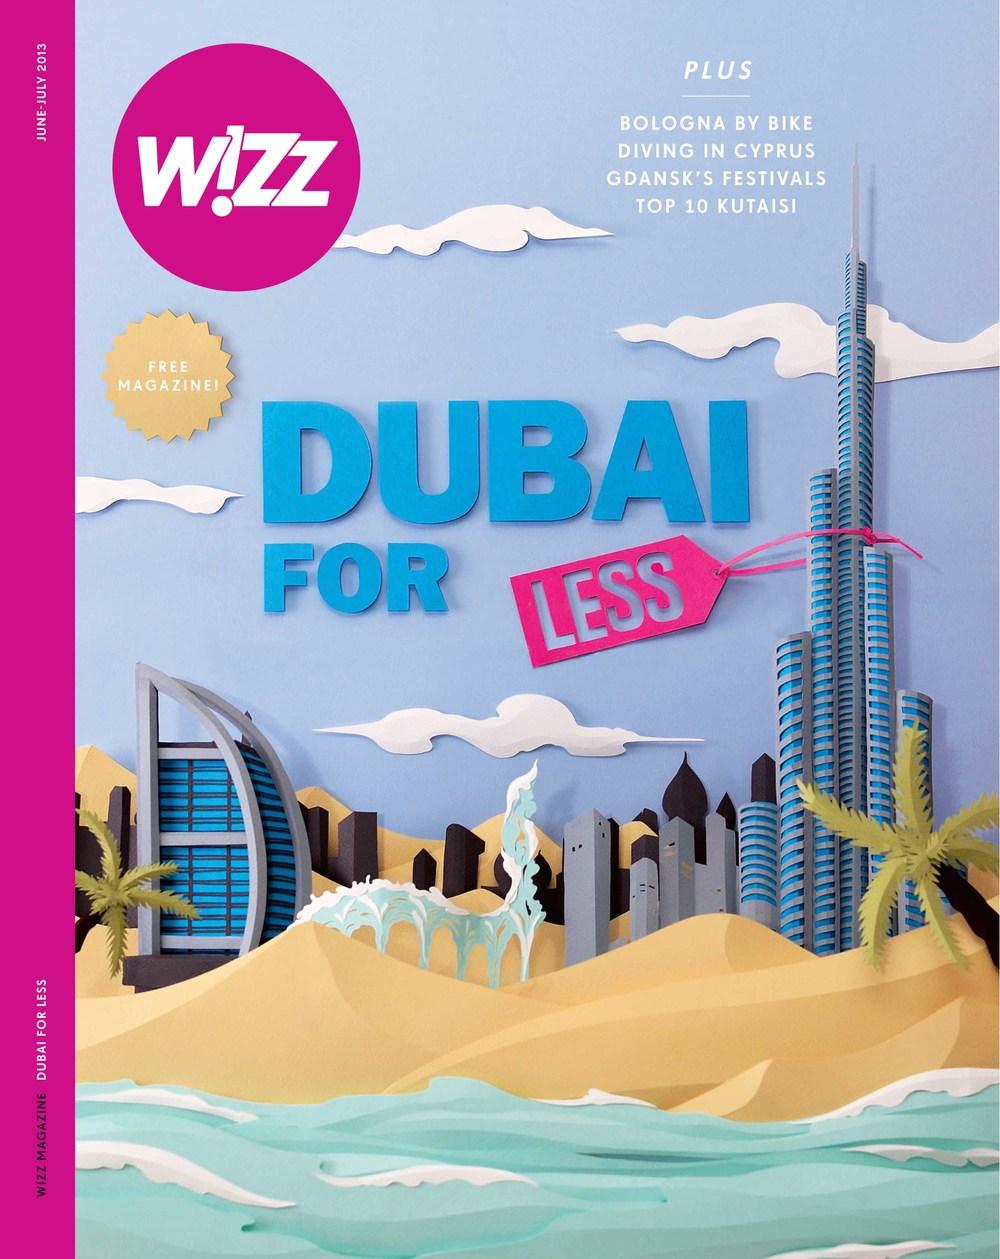 001_Wizz1303 -final cover.jpg